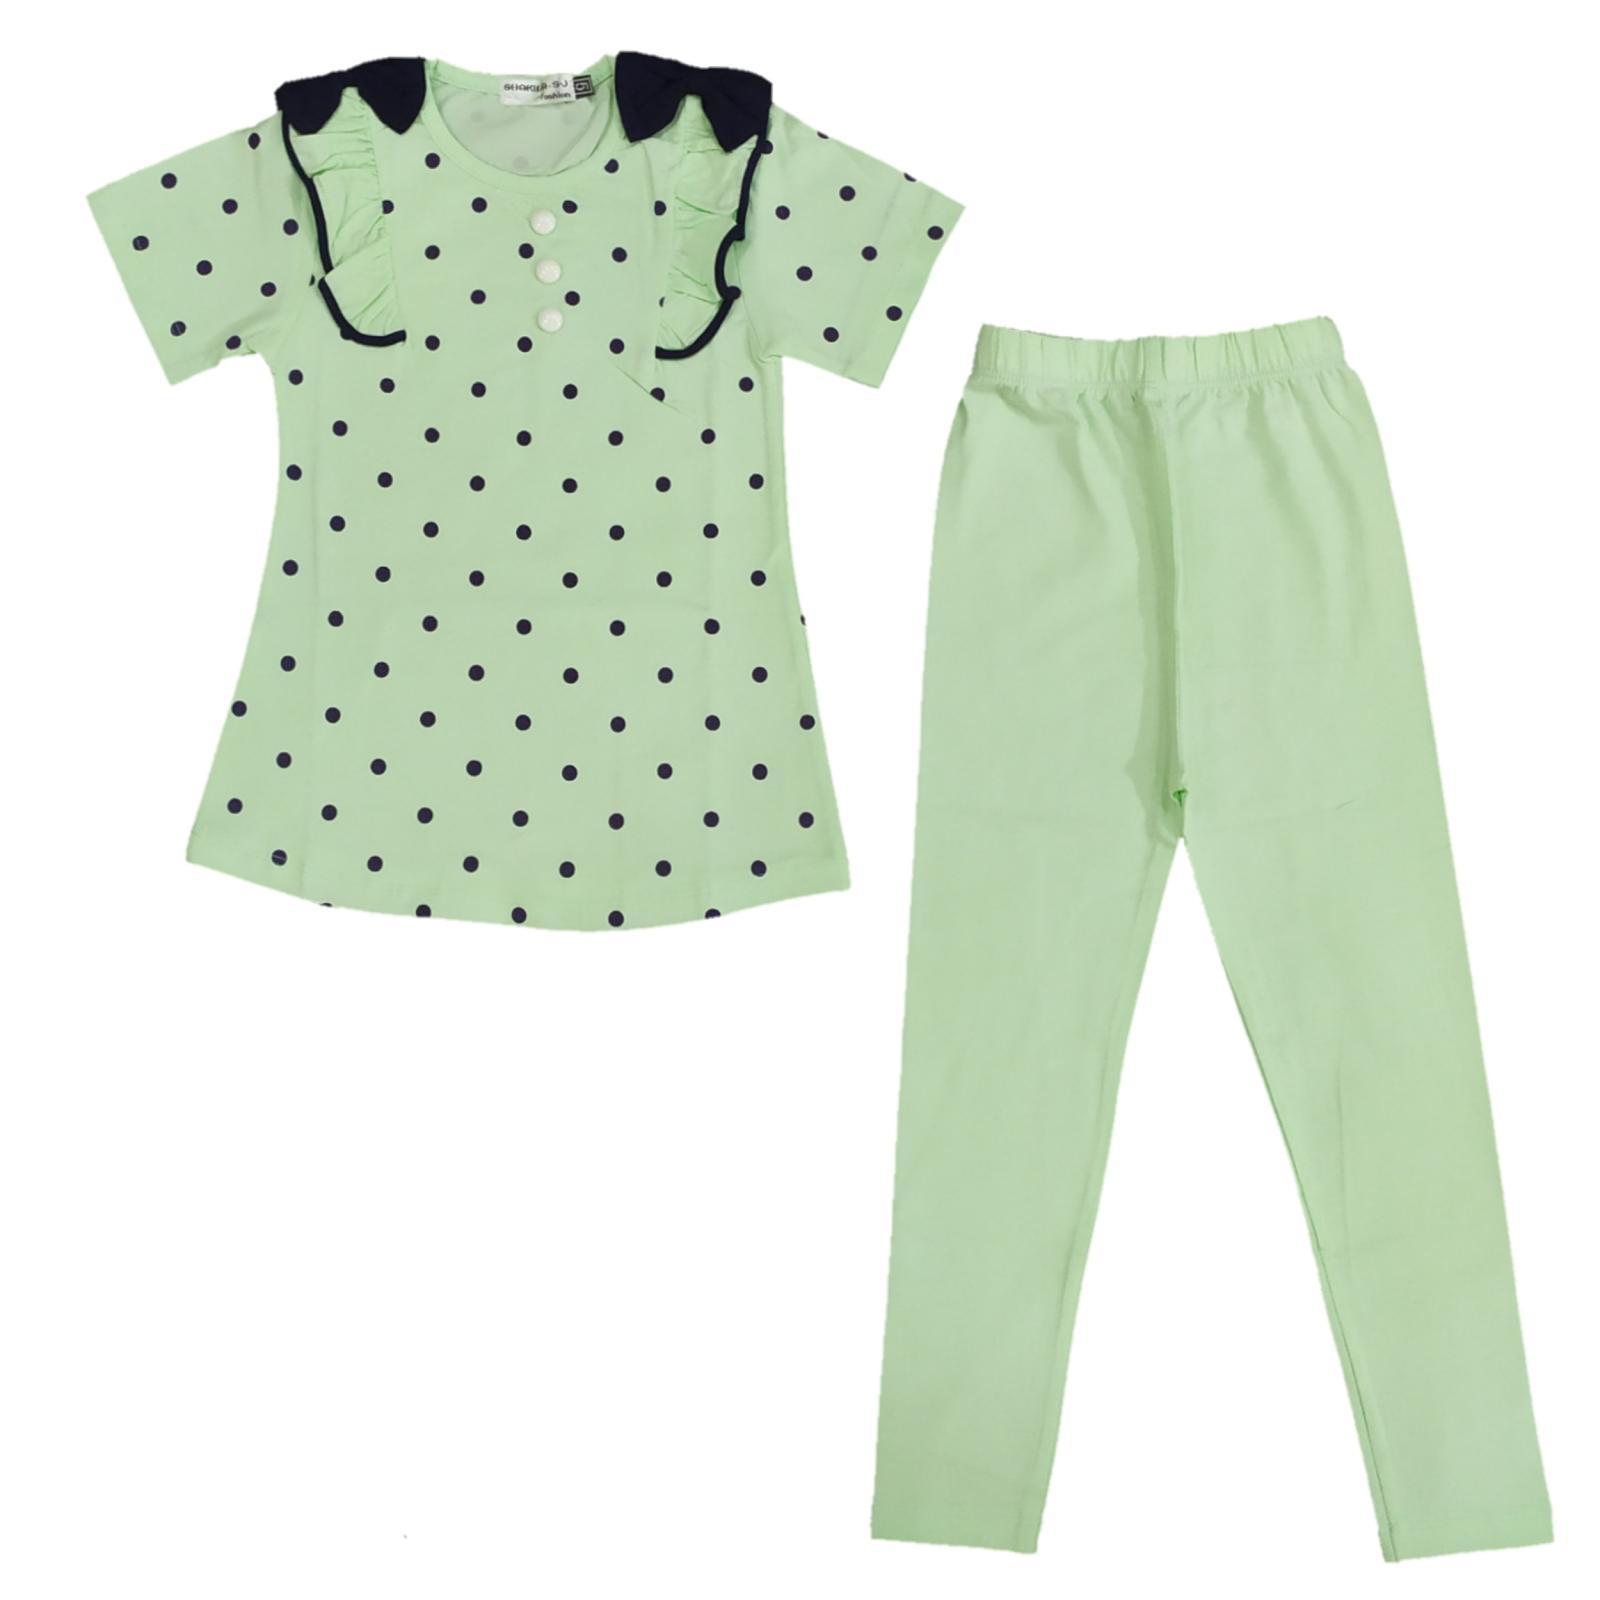 ست تی شرت و شلوار دخترانه کد B06 -  - 1